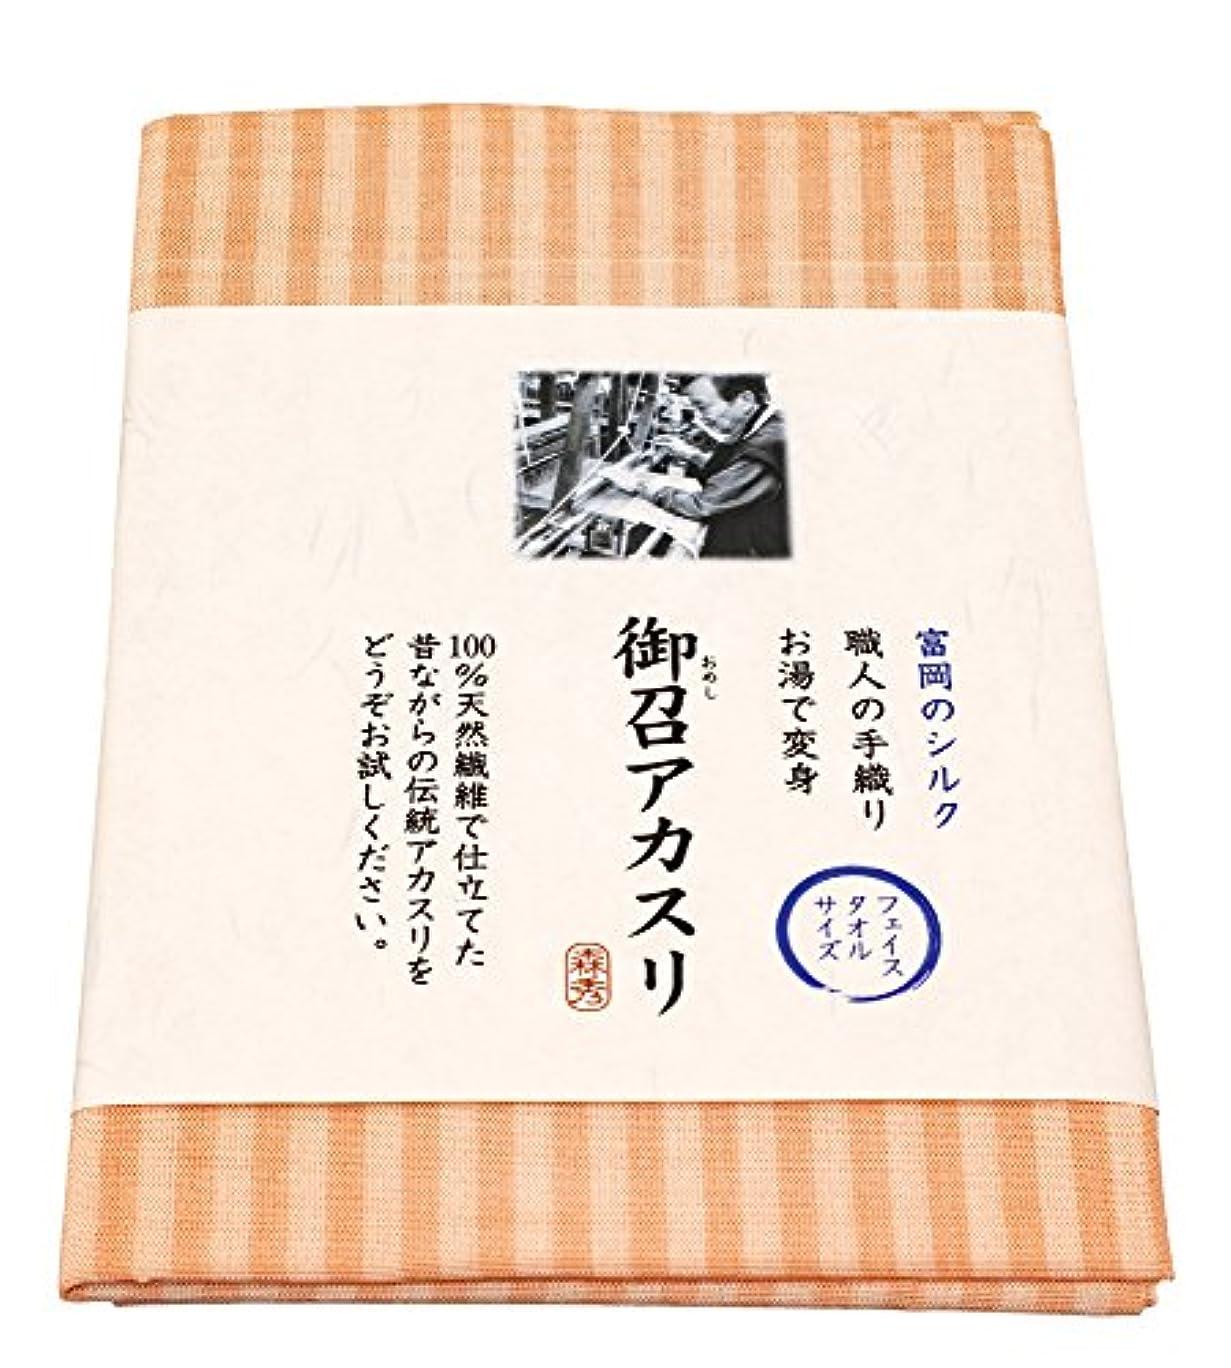 肥沃なシアー影響を受けやすいです森秀織物 御召アカスリ [ 富岡シルク ピンク先染 / 60×40cm ] ボディウォッシュタオル 国産シルク100% あかすり (日本製)